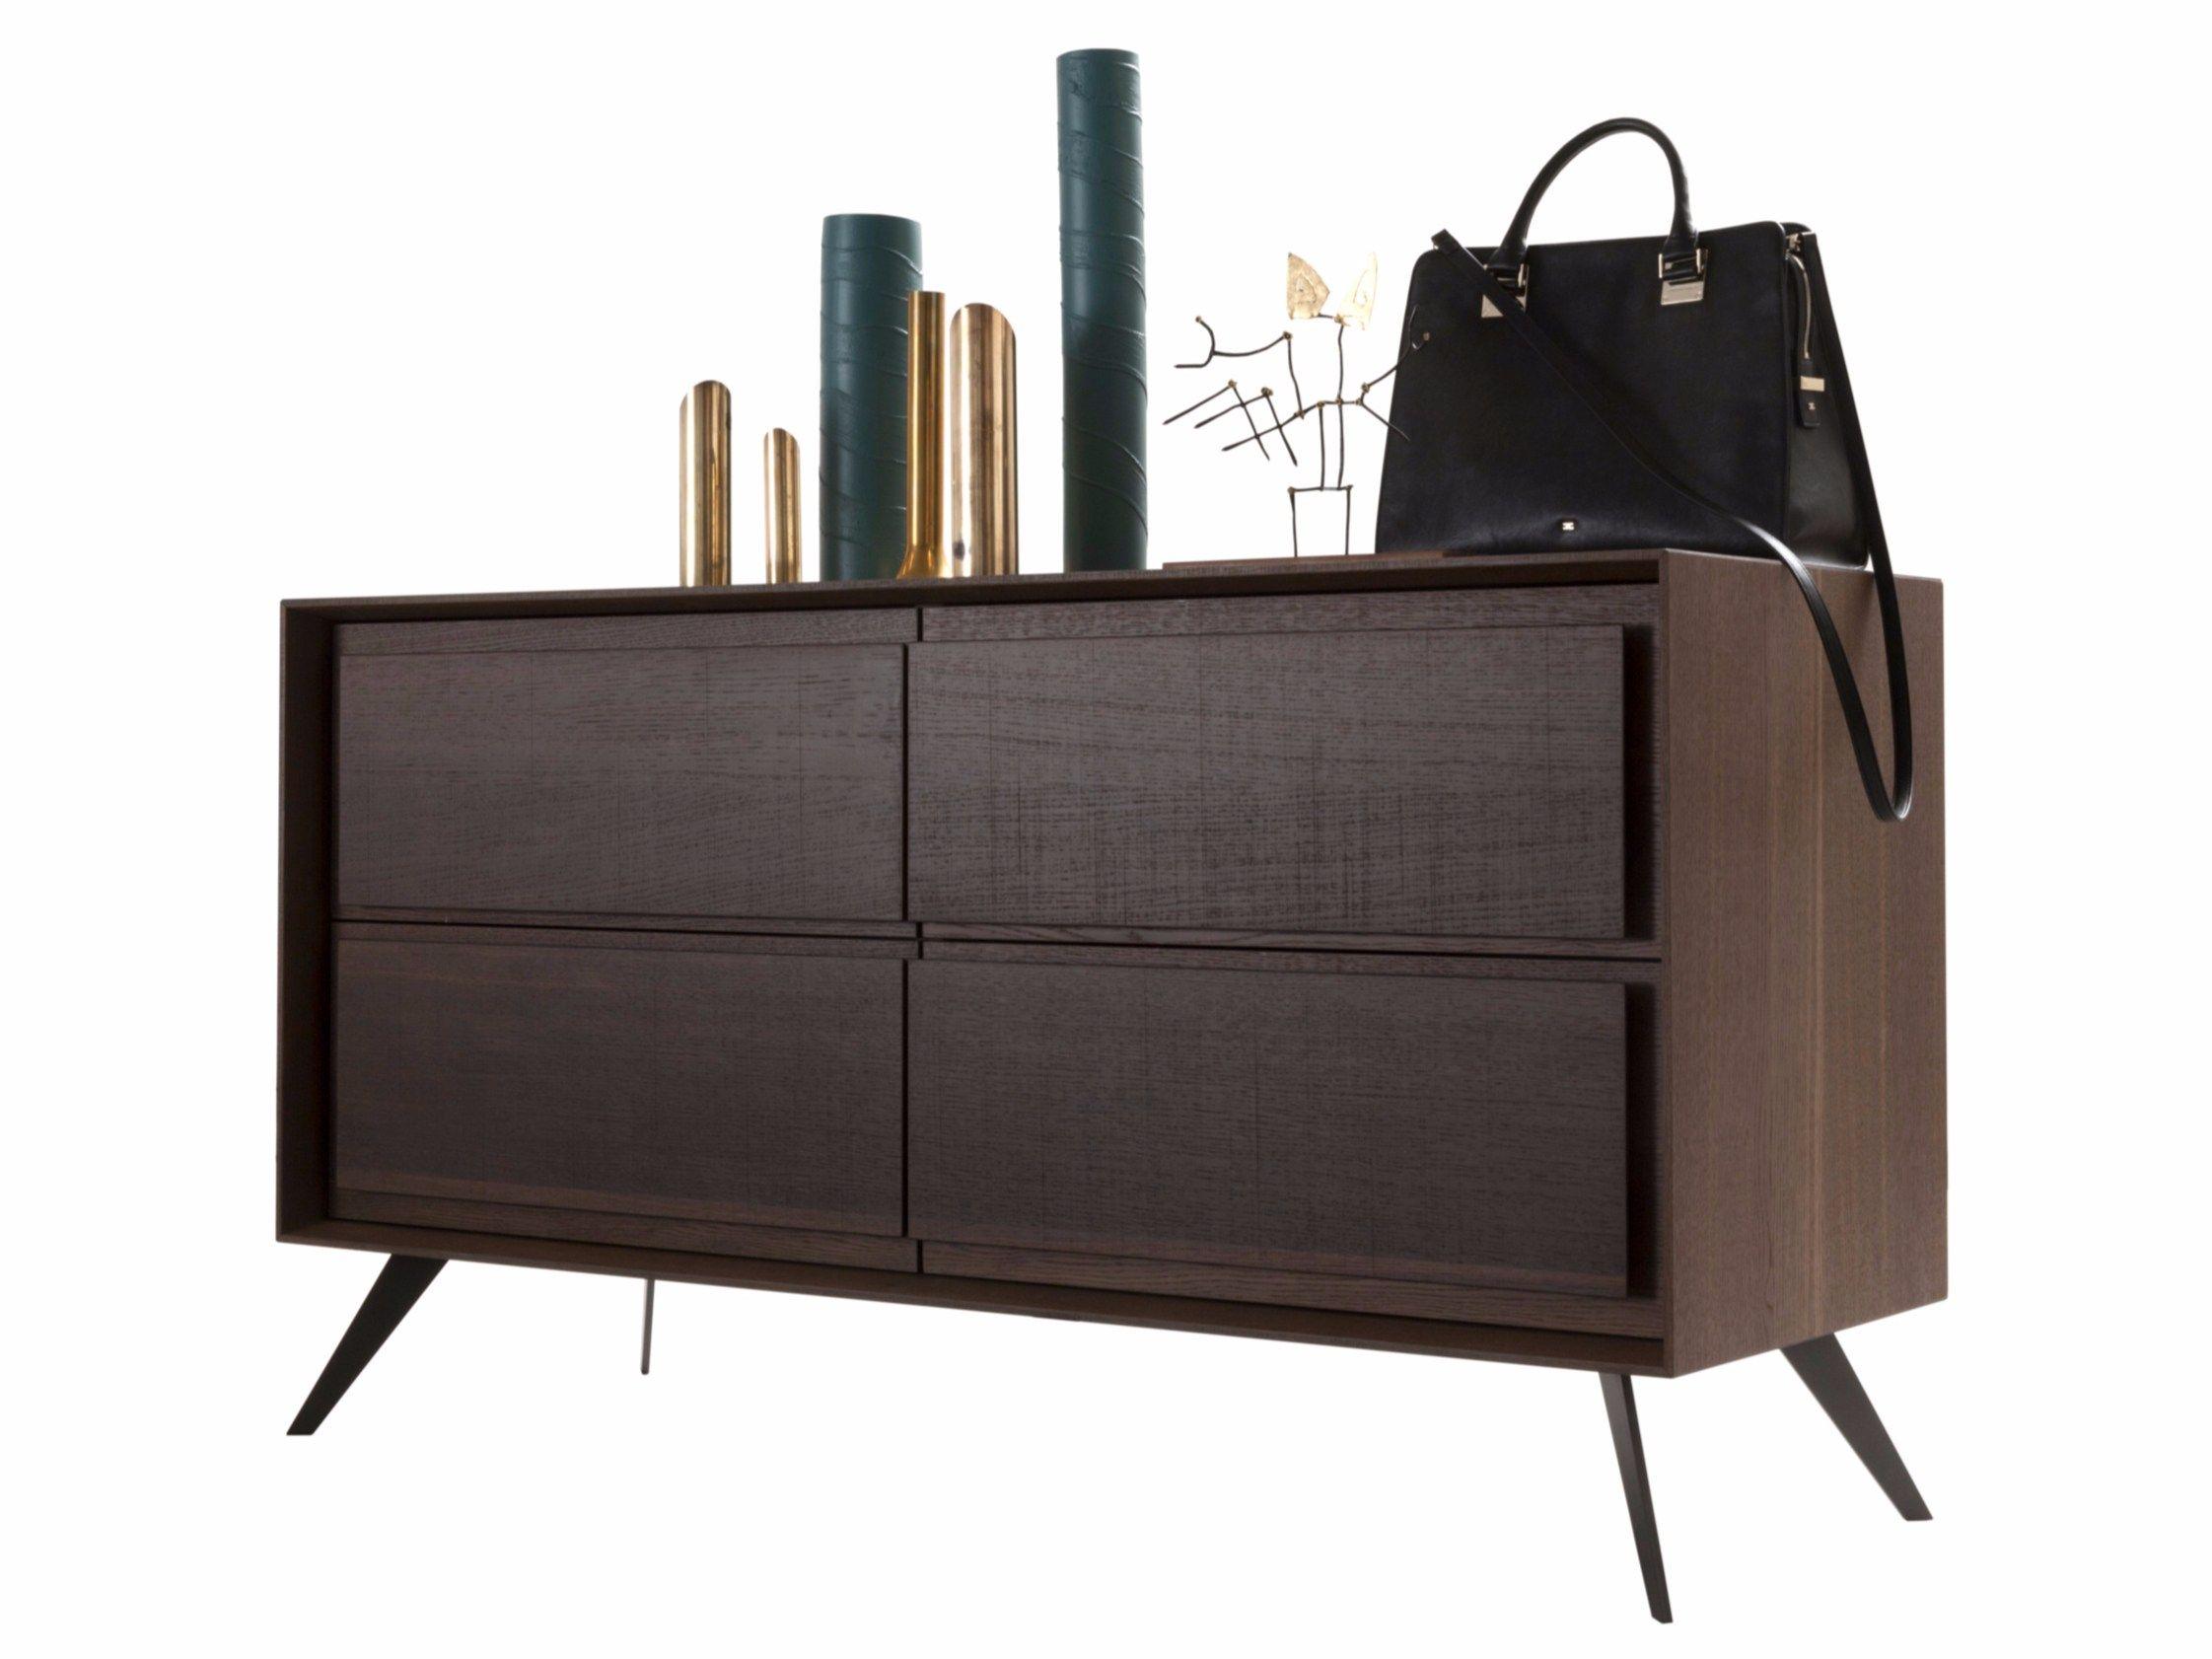 Memories com by presotto industrie mobili design for Presotto mobili prezzi